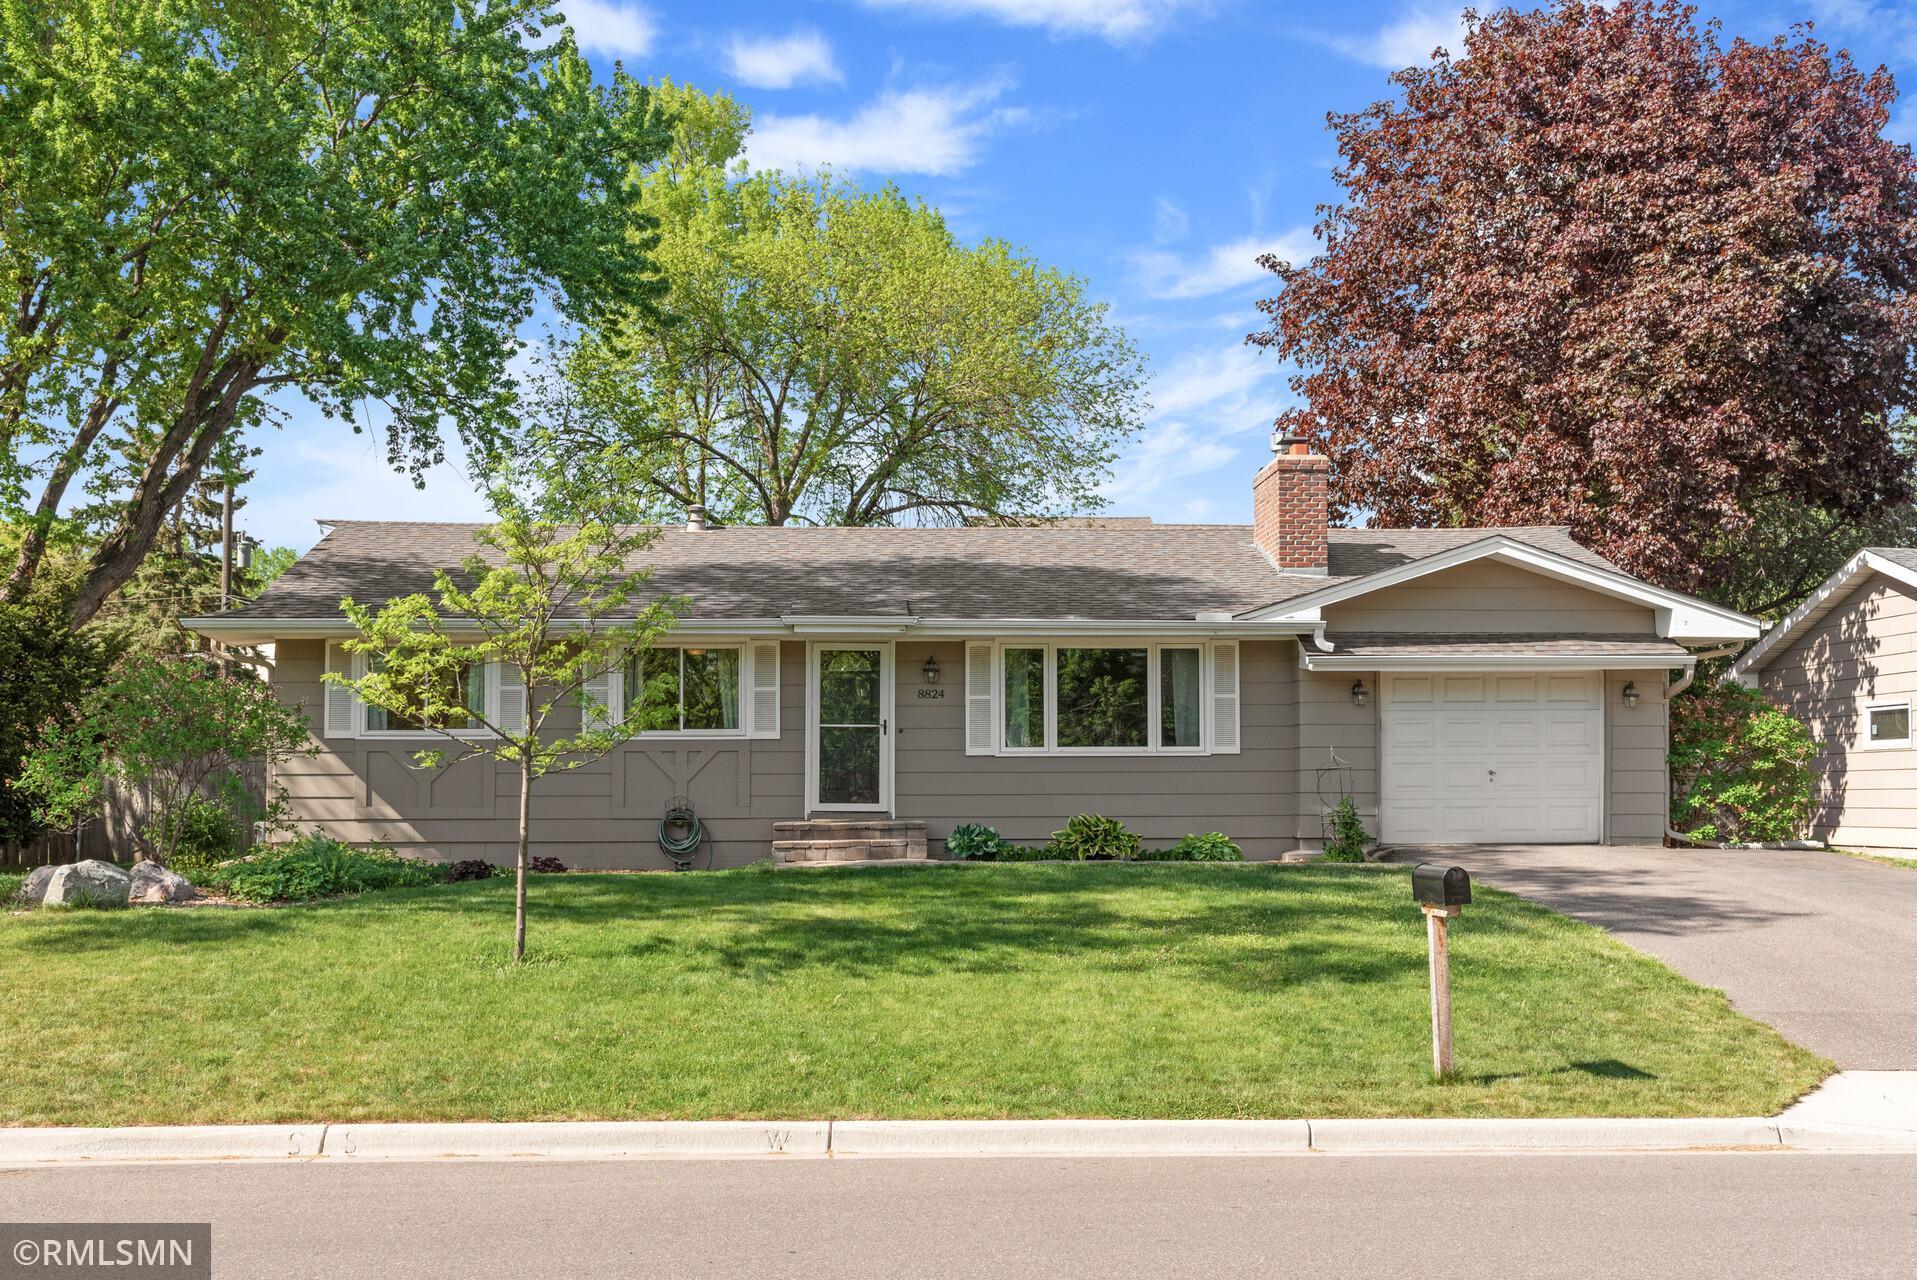 8824 41st Avenue N, New Hope MN 55427 - Photo 1